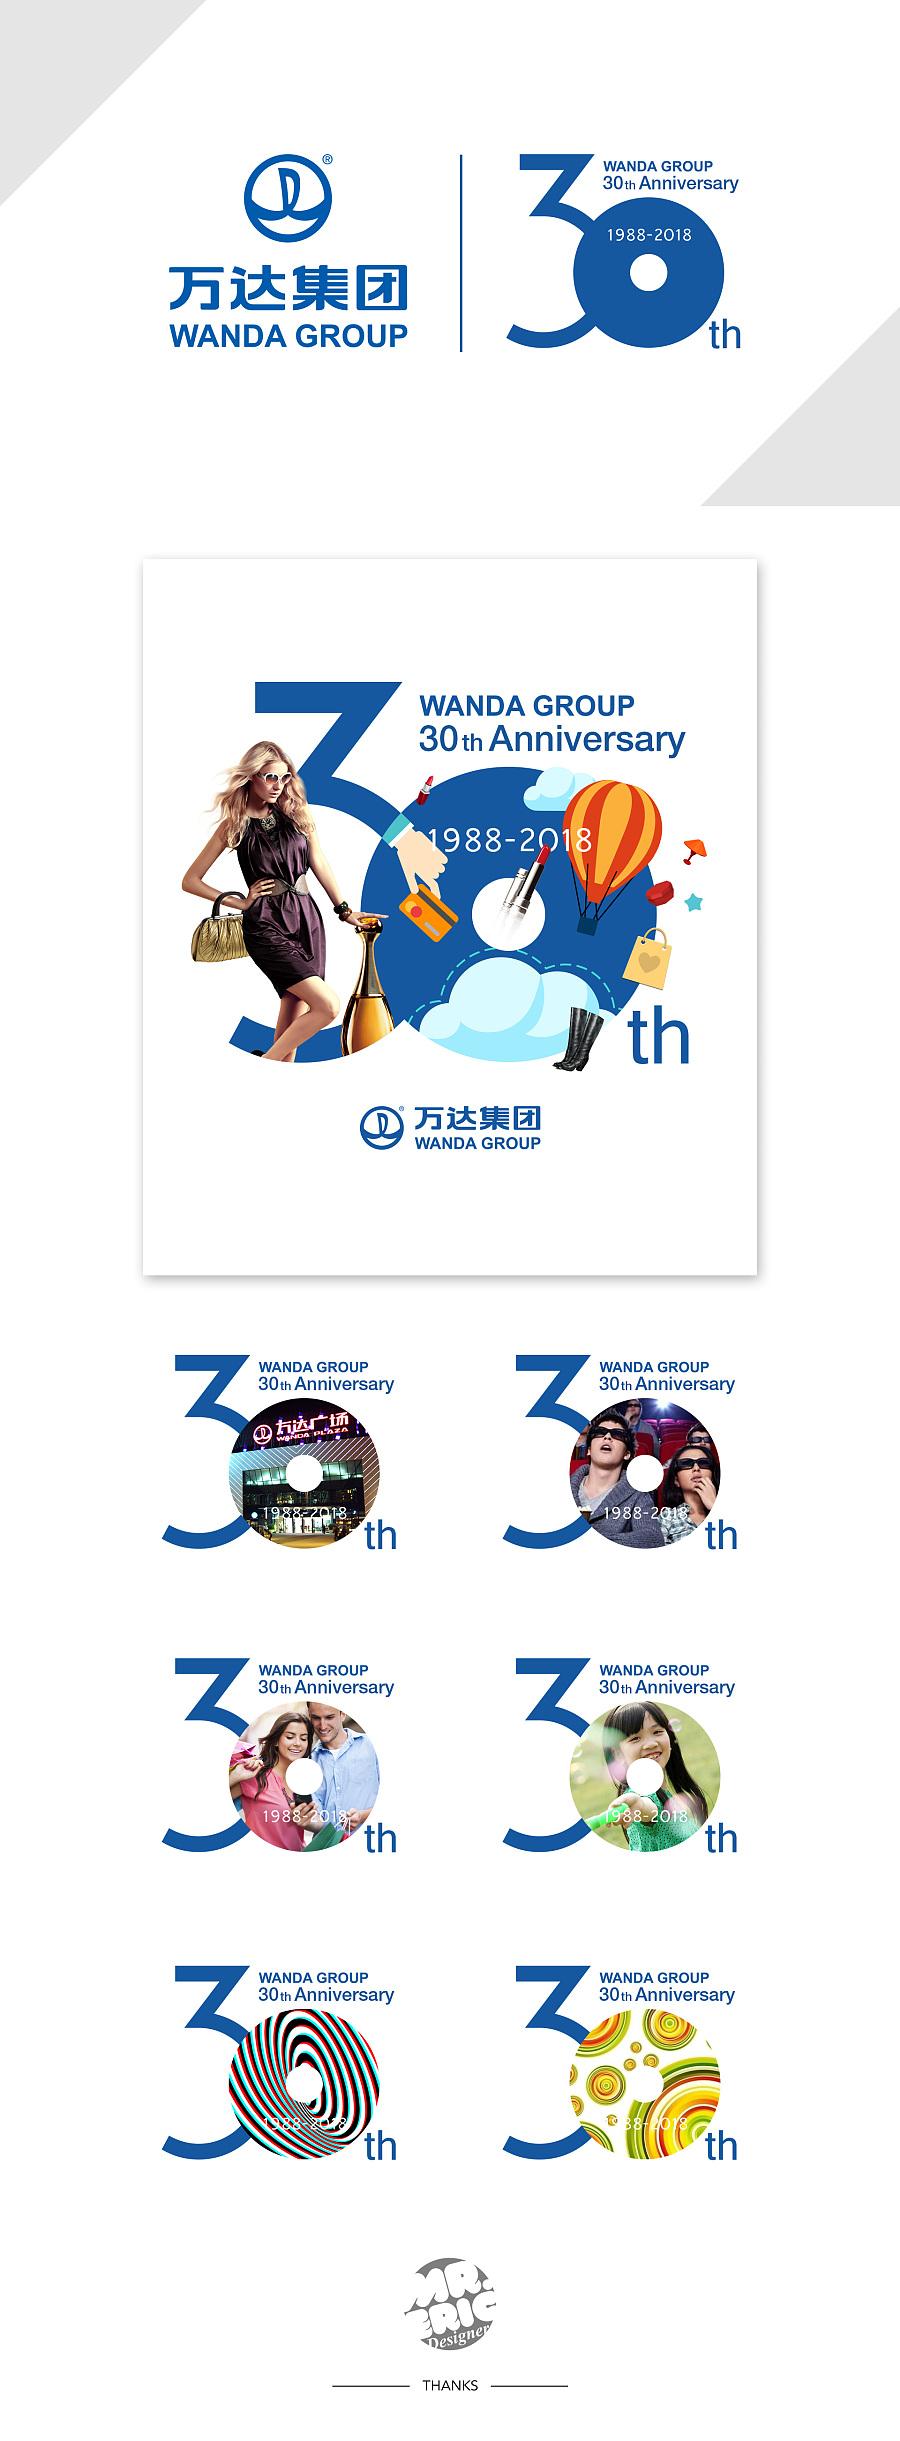 查看《万达30周年logo方案 - 辉煌卅载,创造新未来》原图,原图尺寸:1920x5208